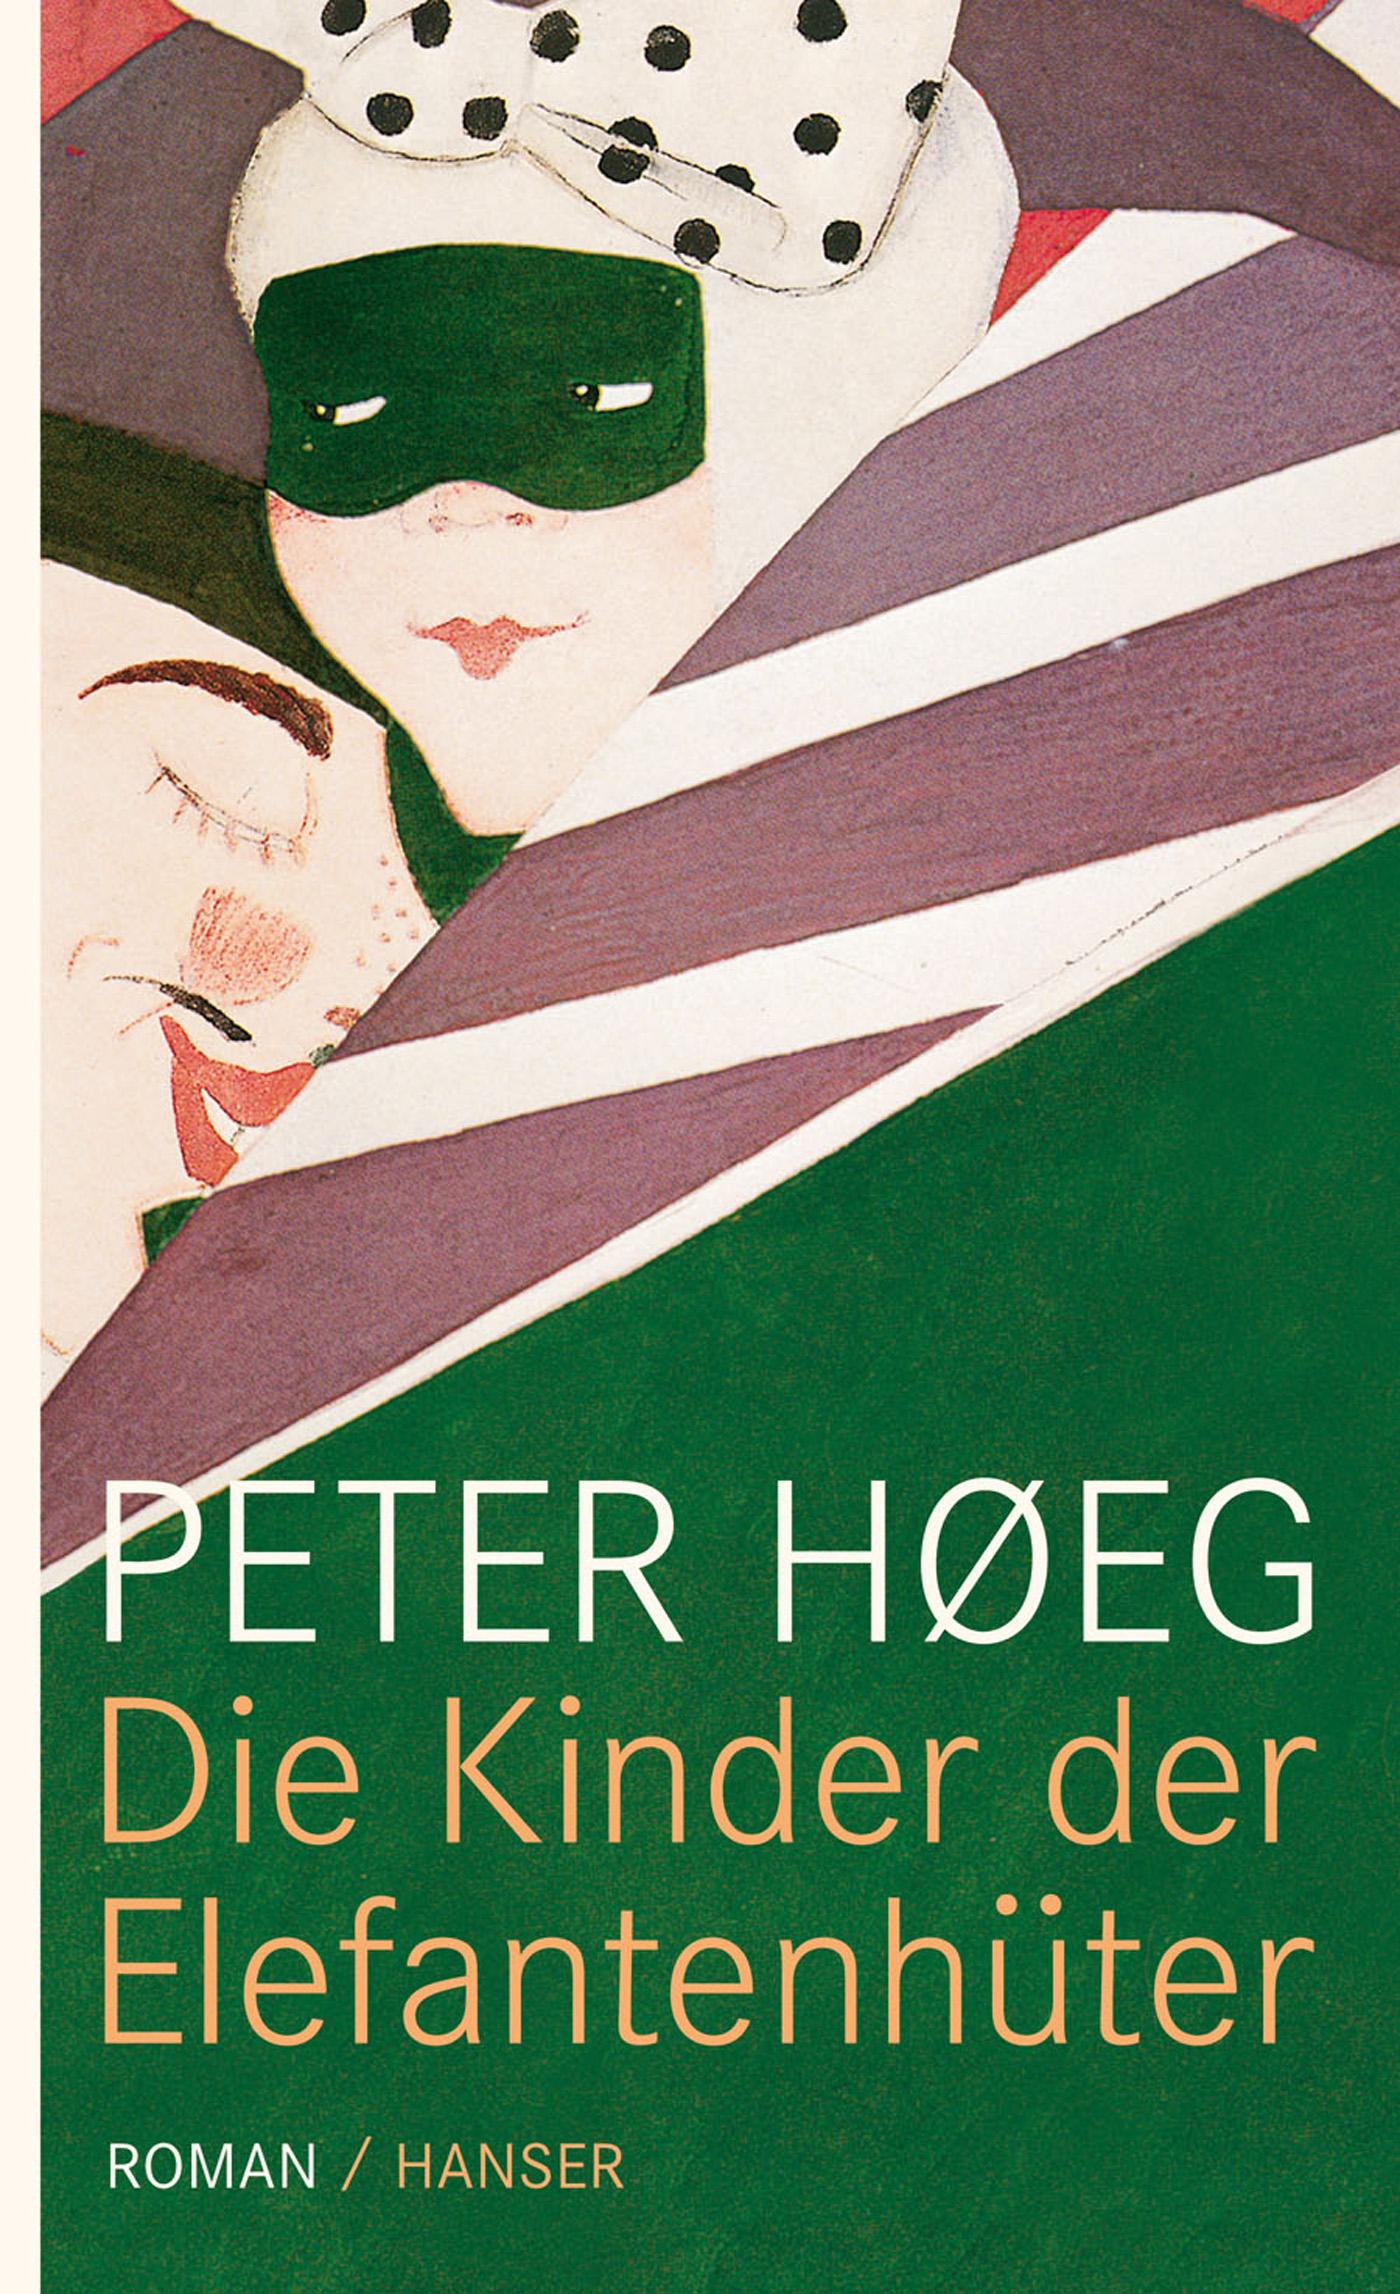 Die Kinder der Elefantenhüter - Peter Hoeg